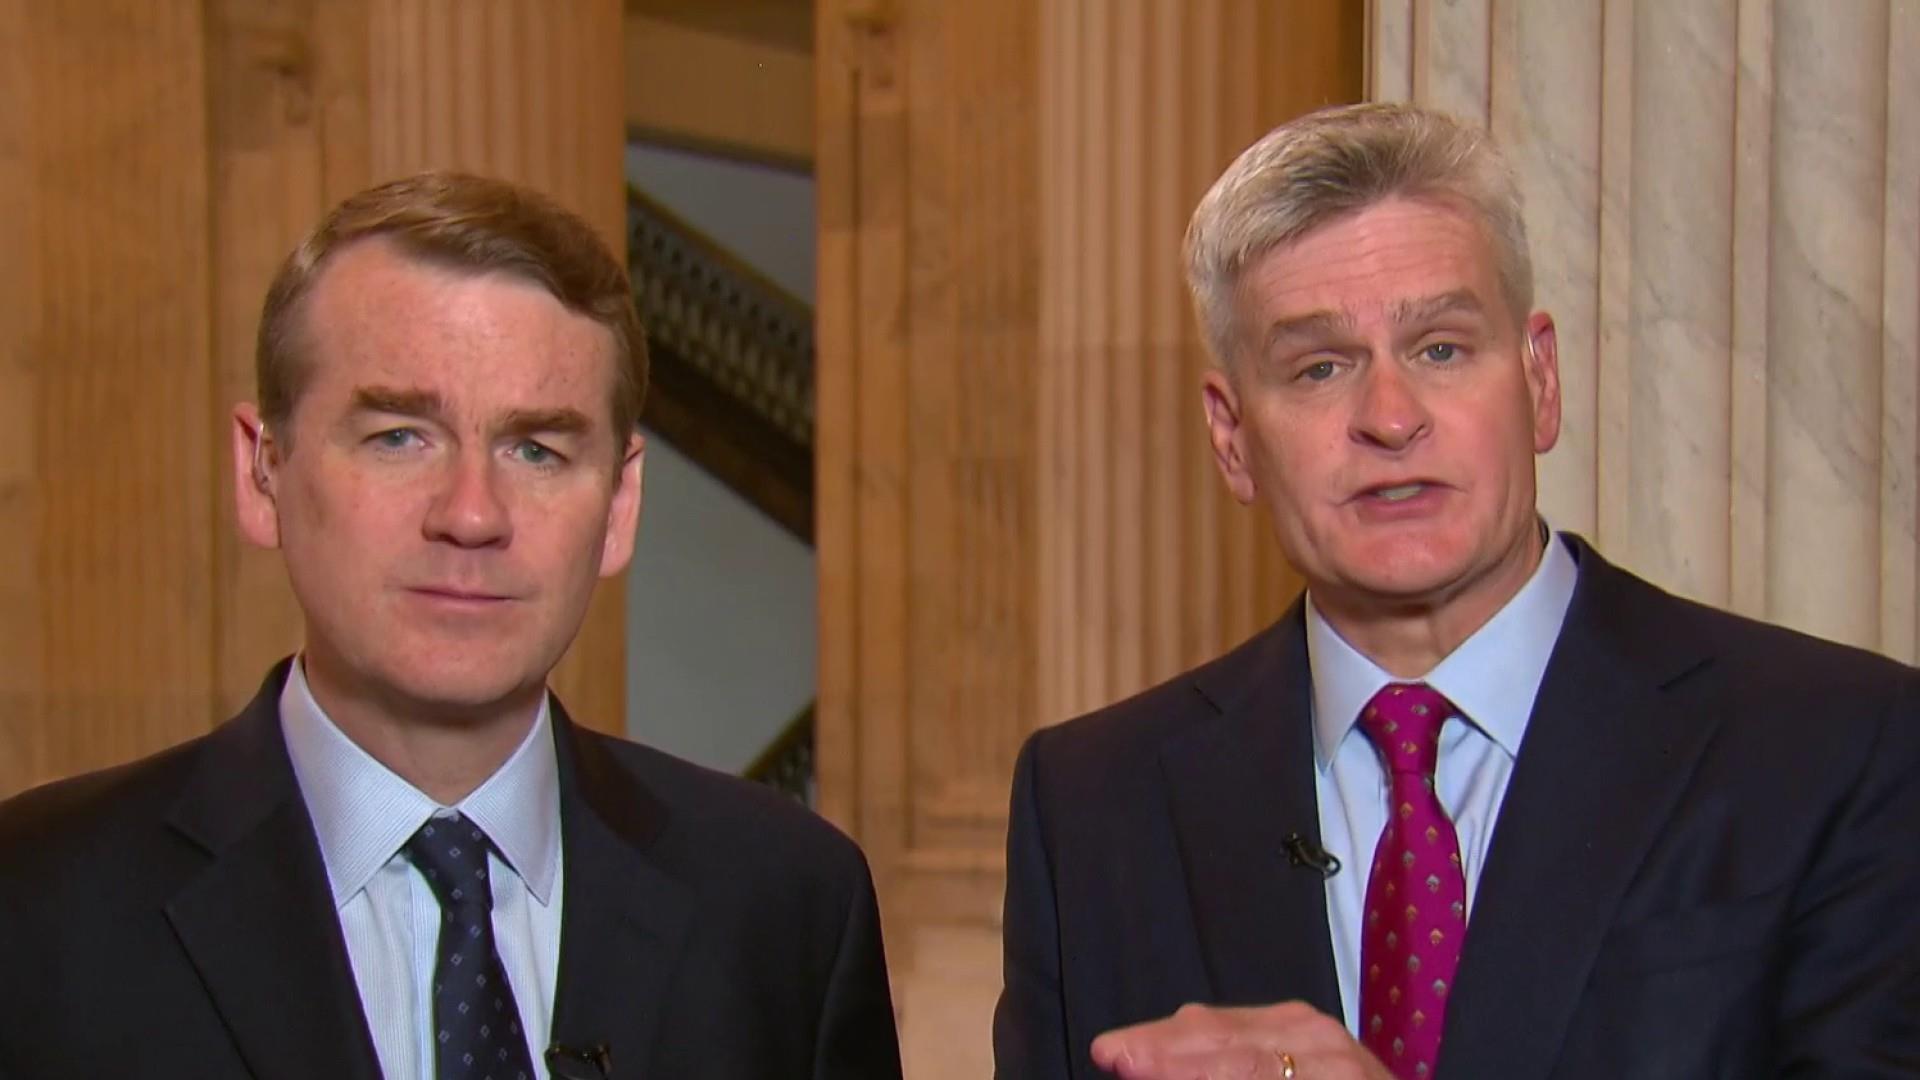 Senators take aim at surprise medical bills